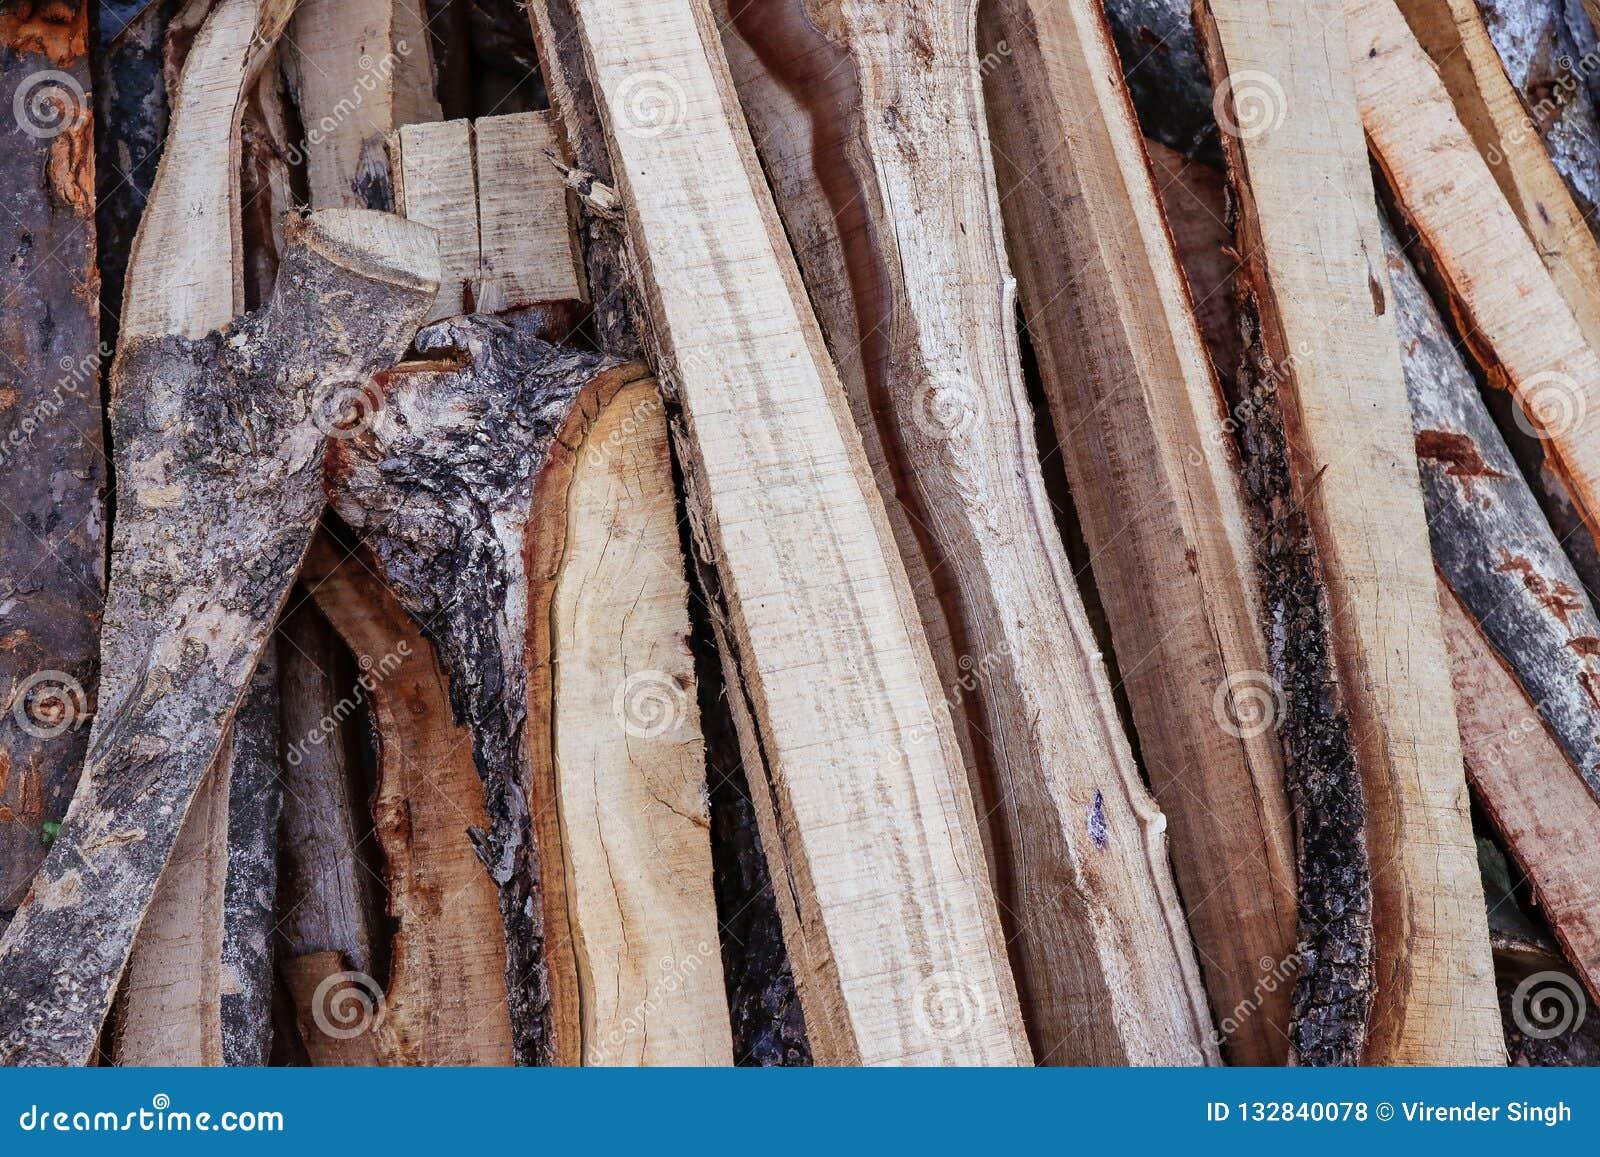 Morceaux coupés et coupés de bois de chauffage